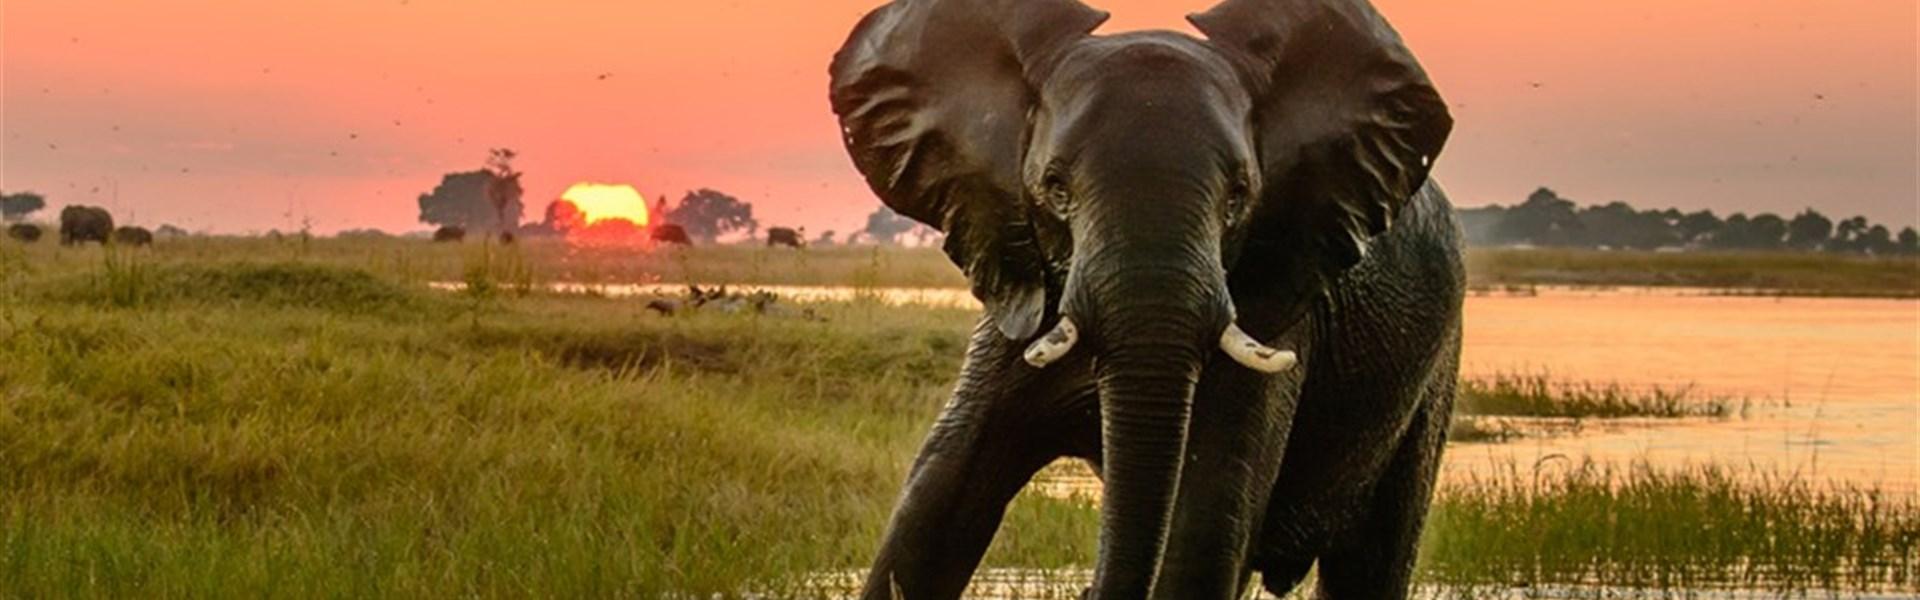 Dobrodružství v Botswaně s anglickým průvodcem -